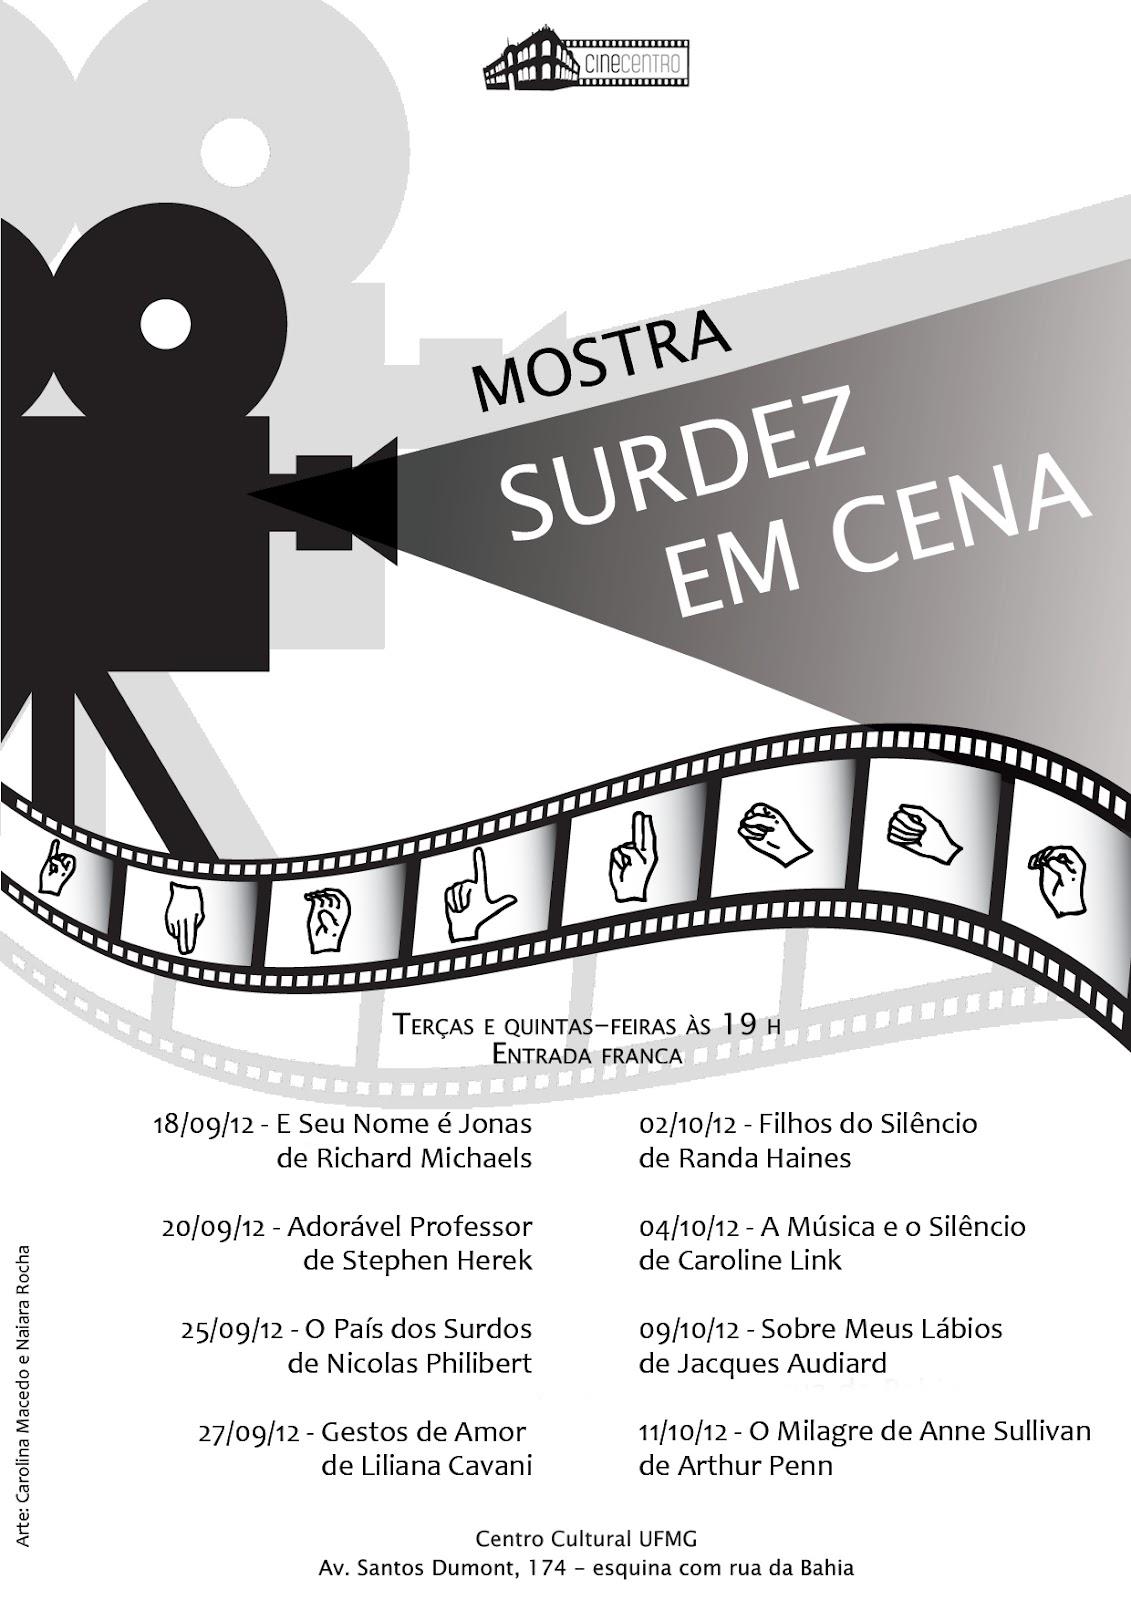 Filme Seu Nome É Jonas within curso librasnet: 1ª. mostra de cinema – surdez em cena